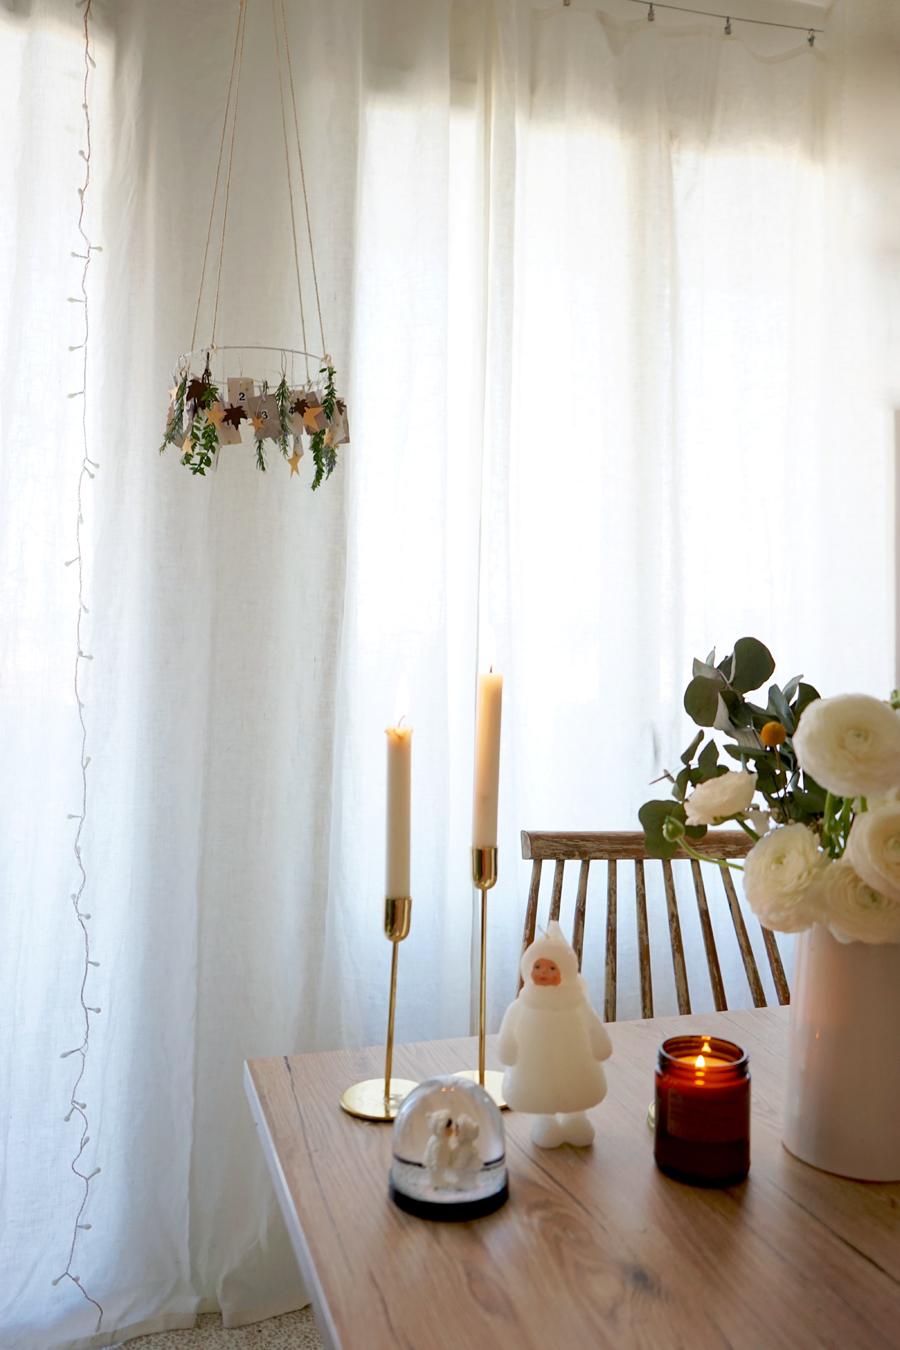 diy_mon_calendrier_de_lavent_mobile_2